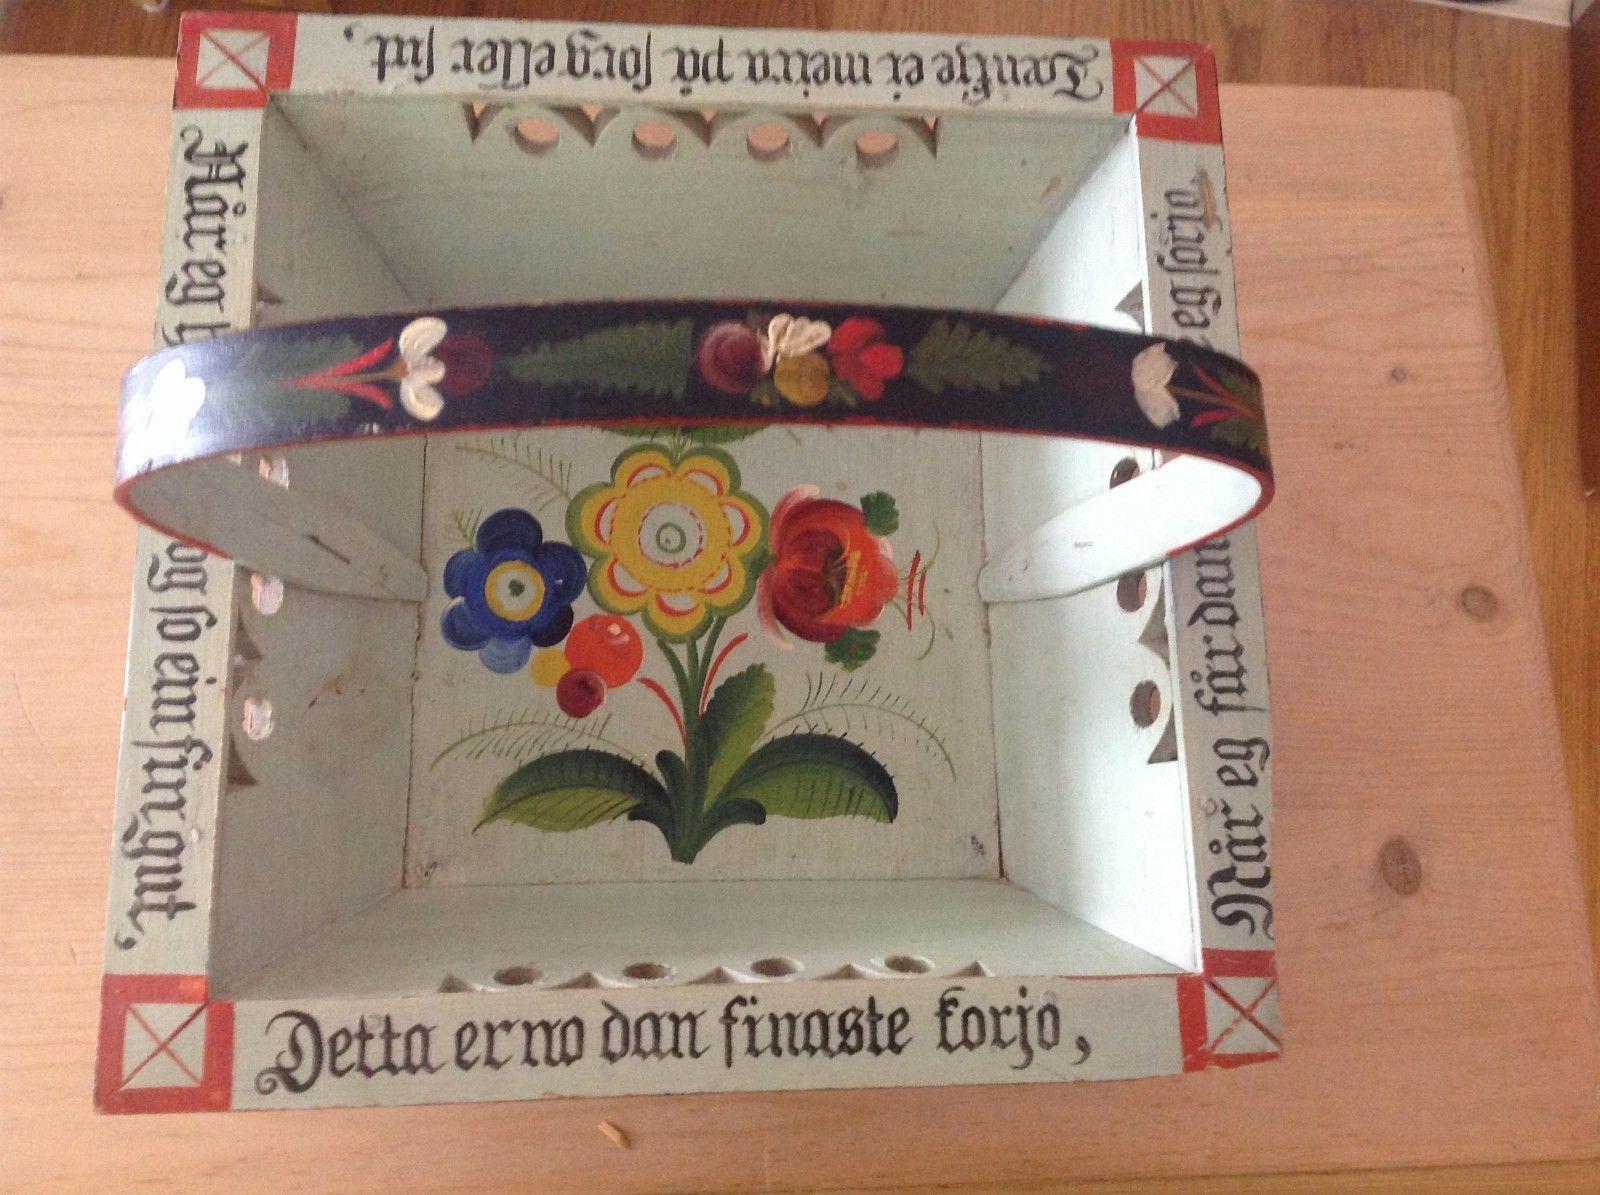 (2) FINN – Rosemalt Sendingskurv